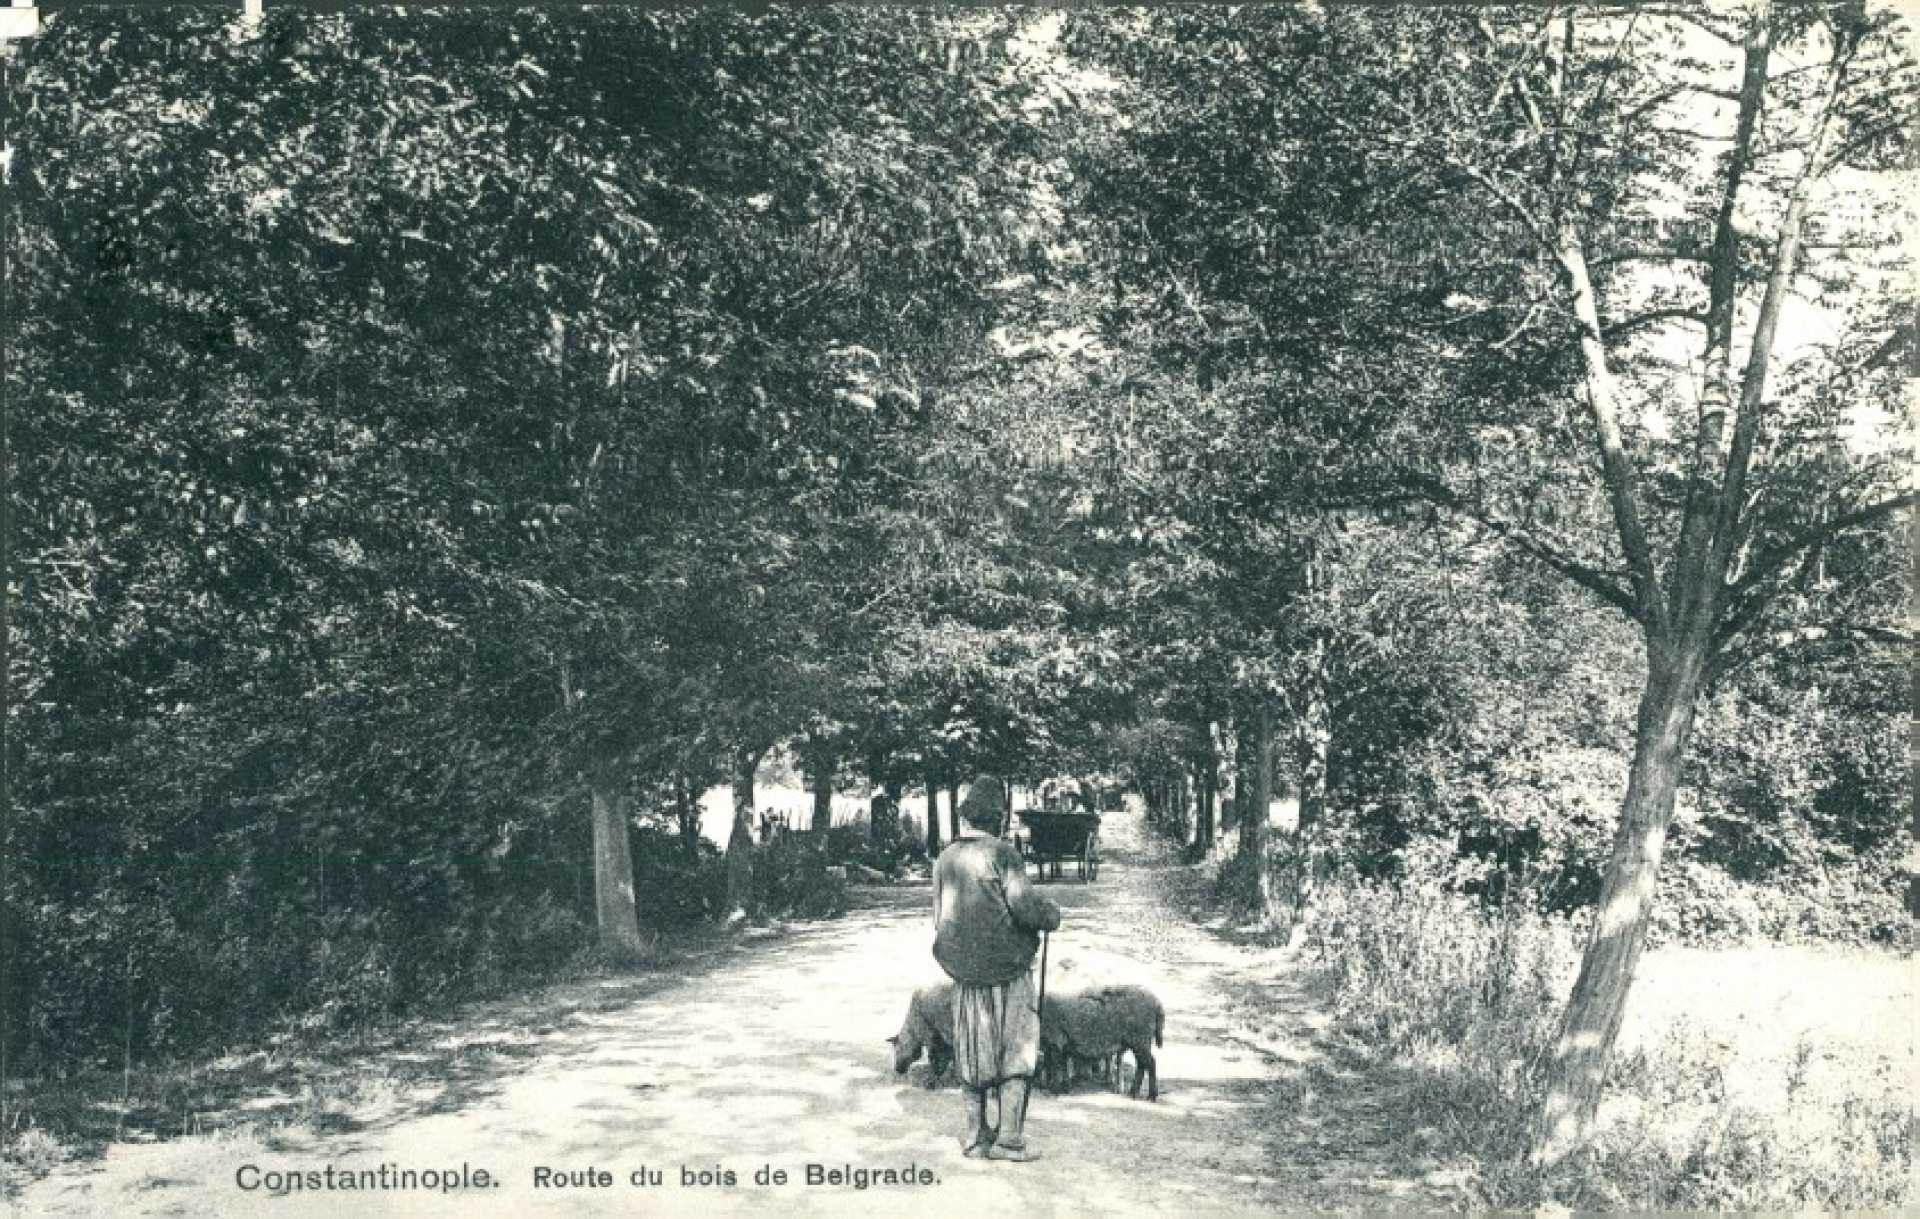 Route du bois de Belgrade